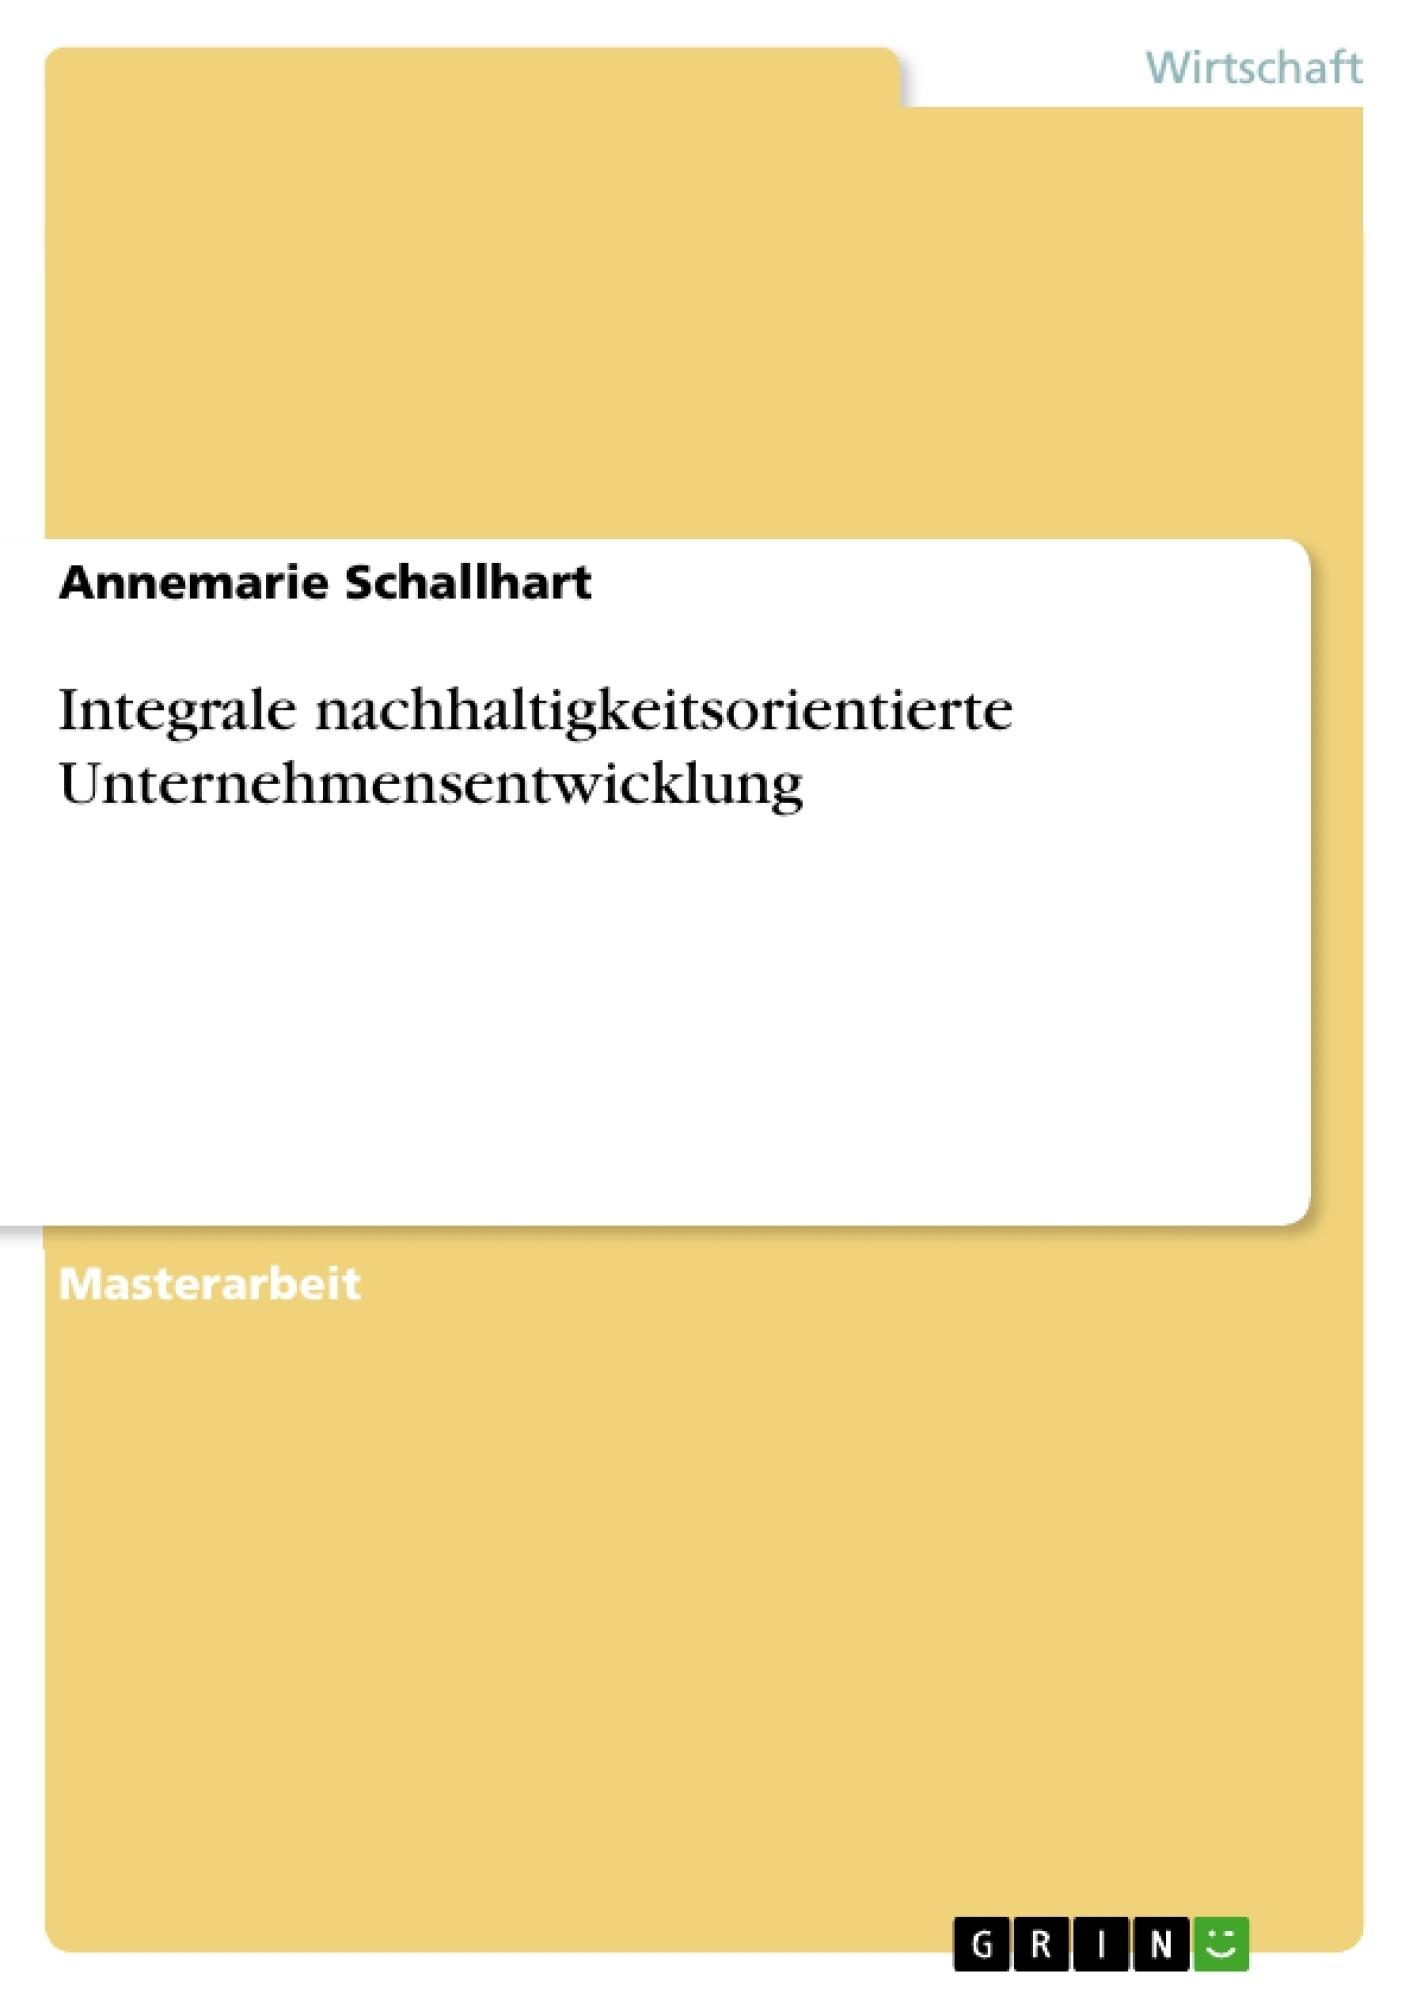 Titel: Integrale nachhaltigkeitsorientierte Unternehmensentwicklung